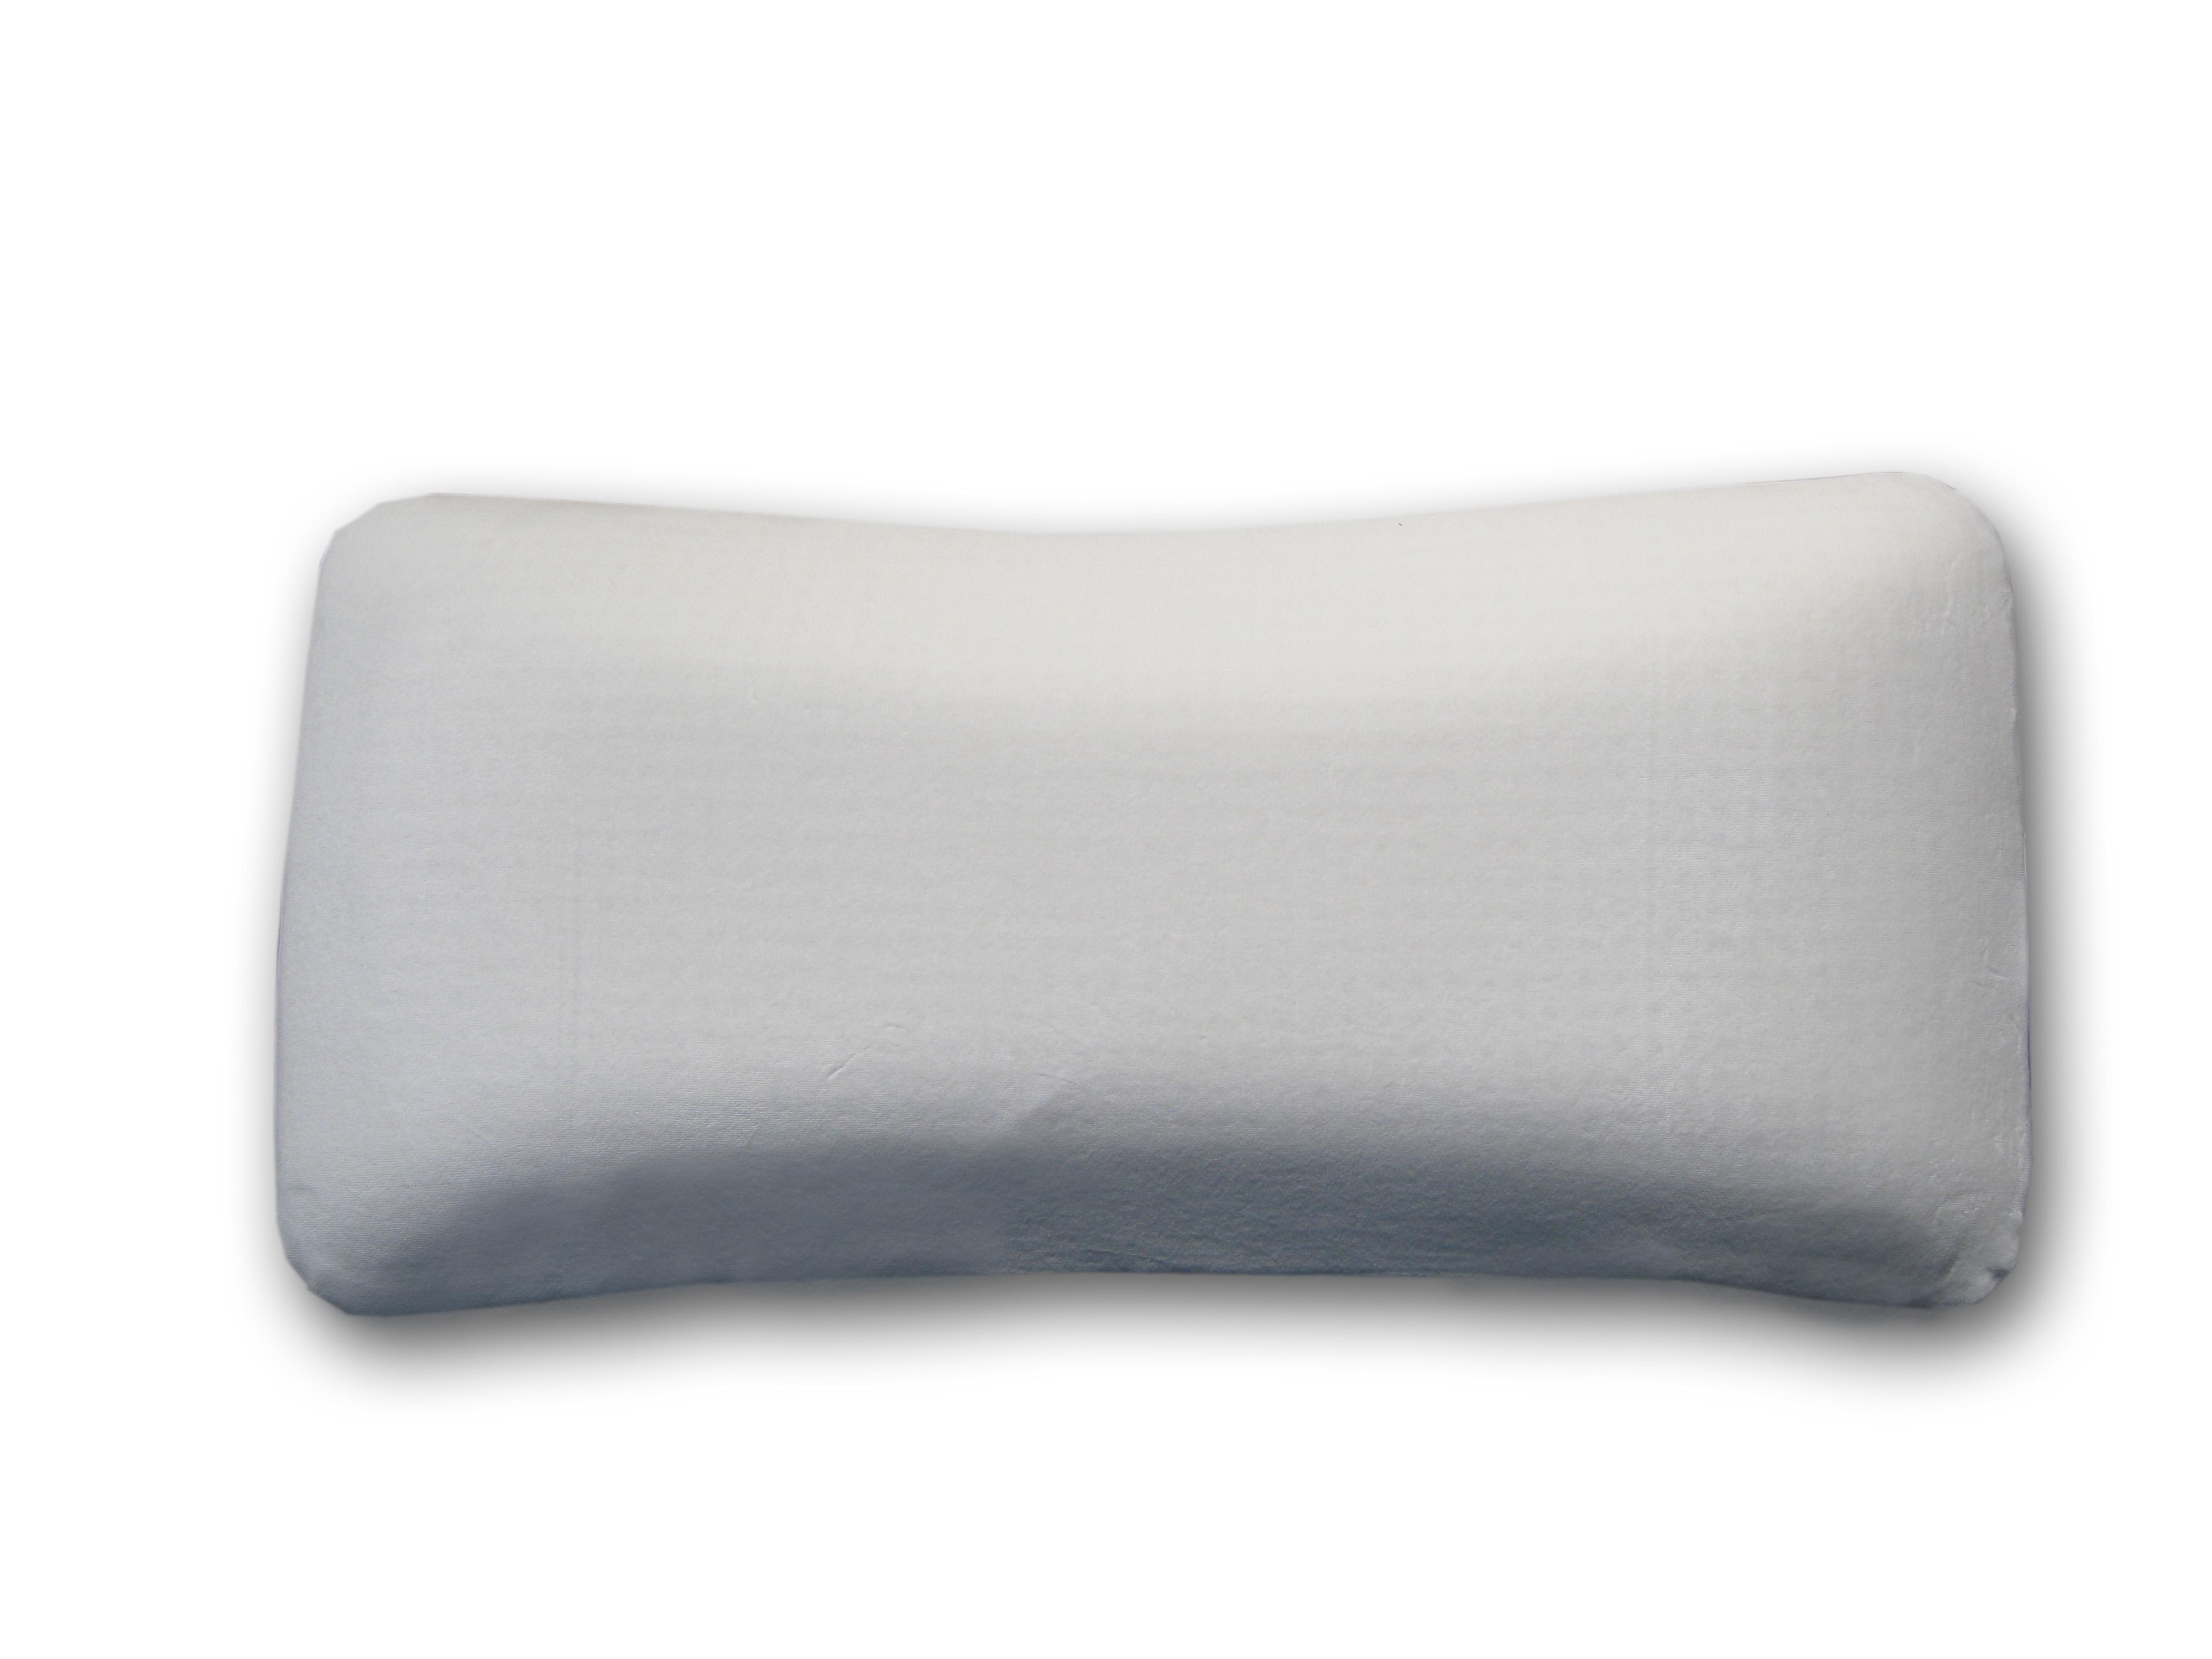 Vivon Traditional Memory Foam Pillow : King Traditional Memory Foam Pillow